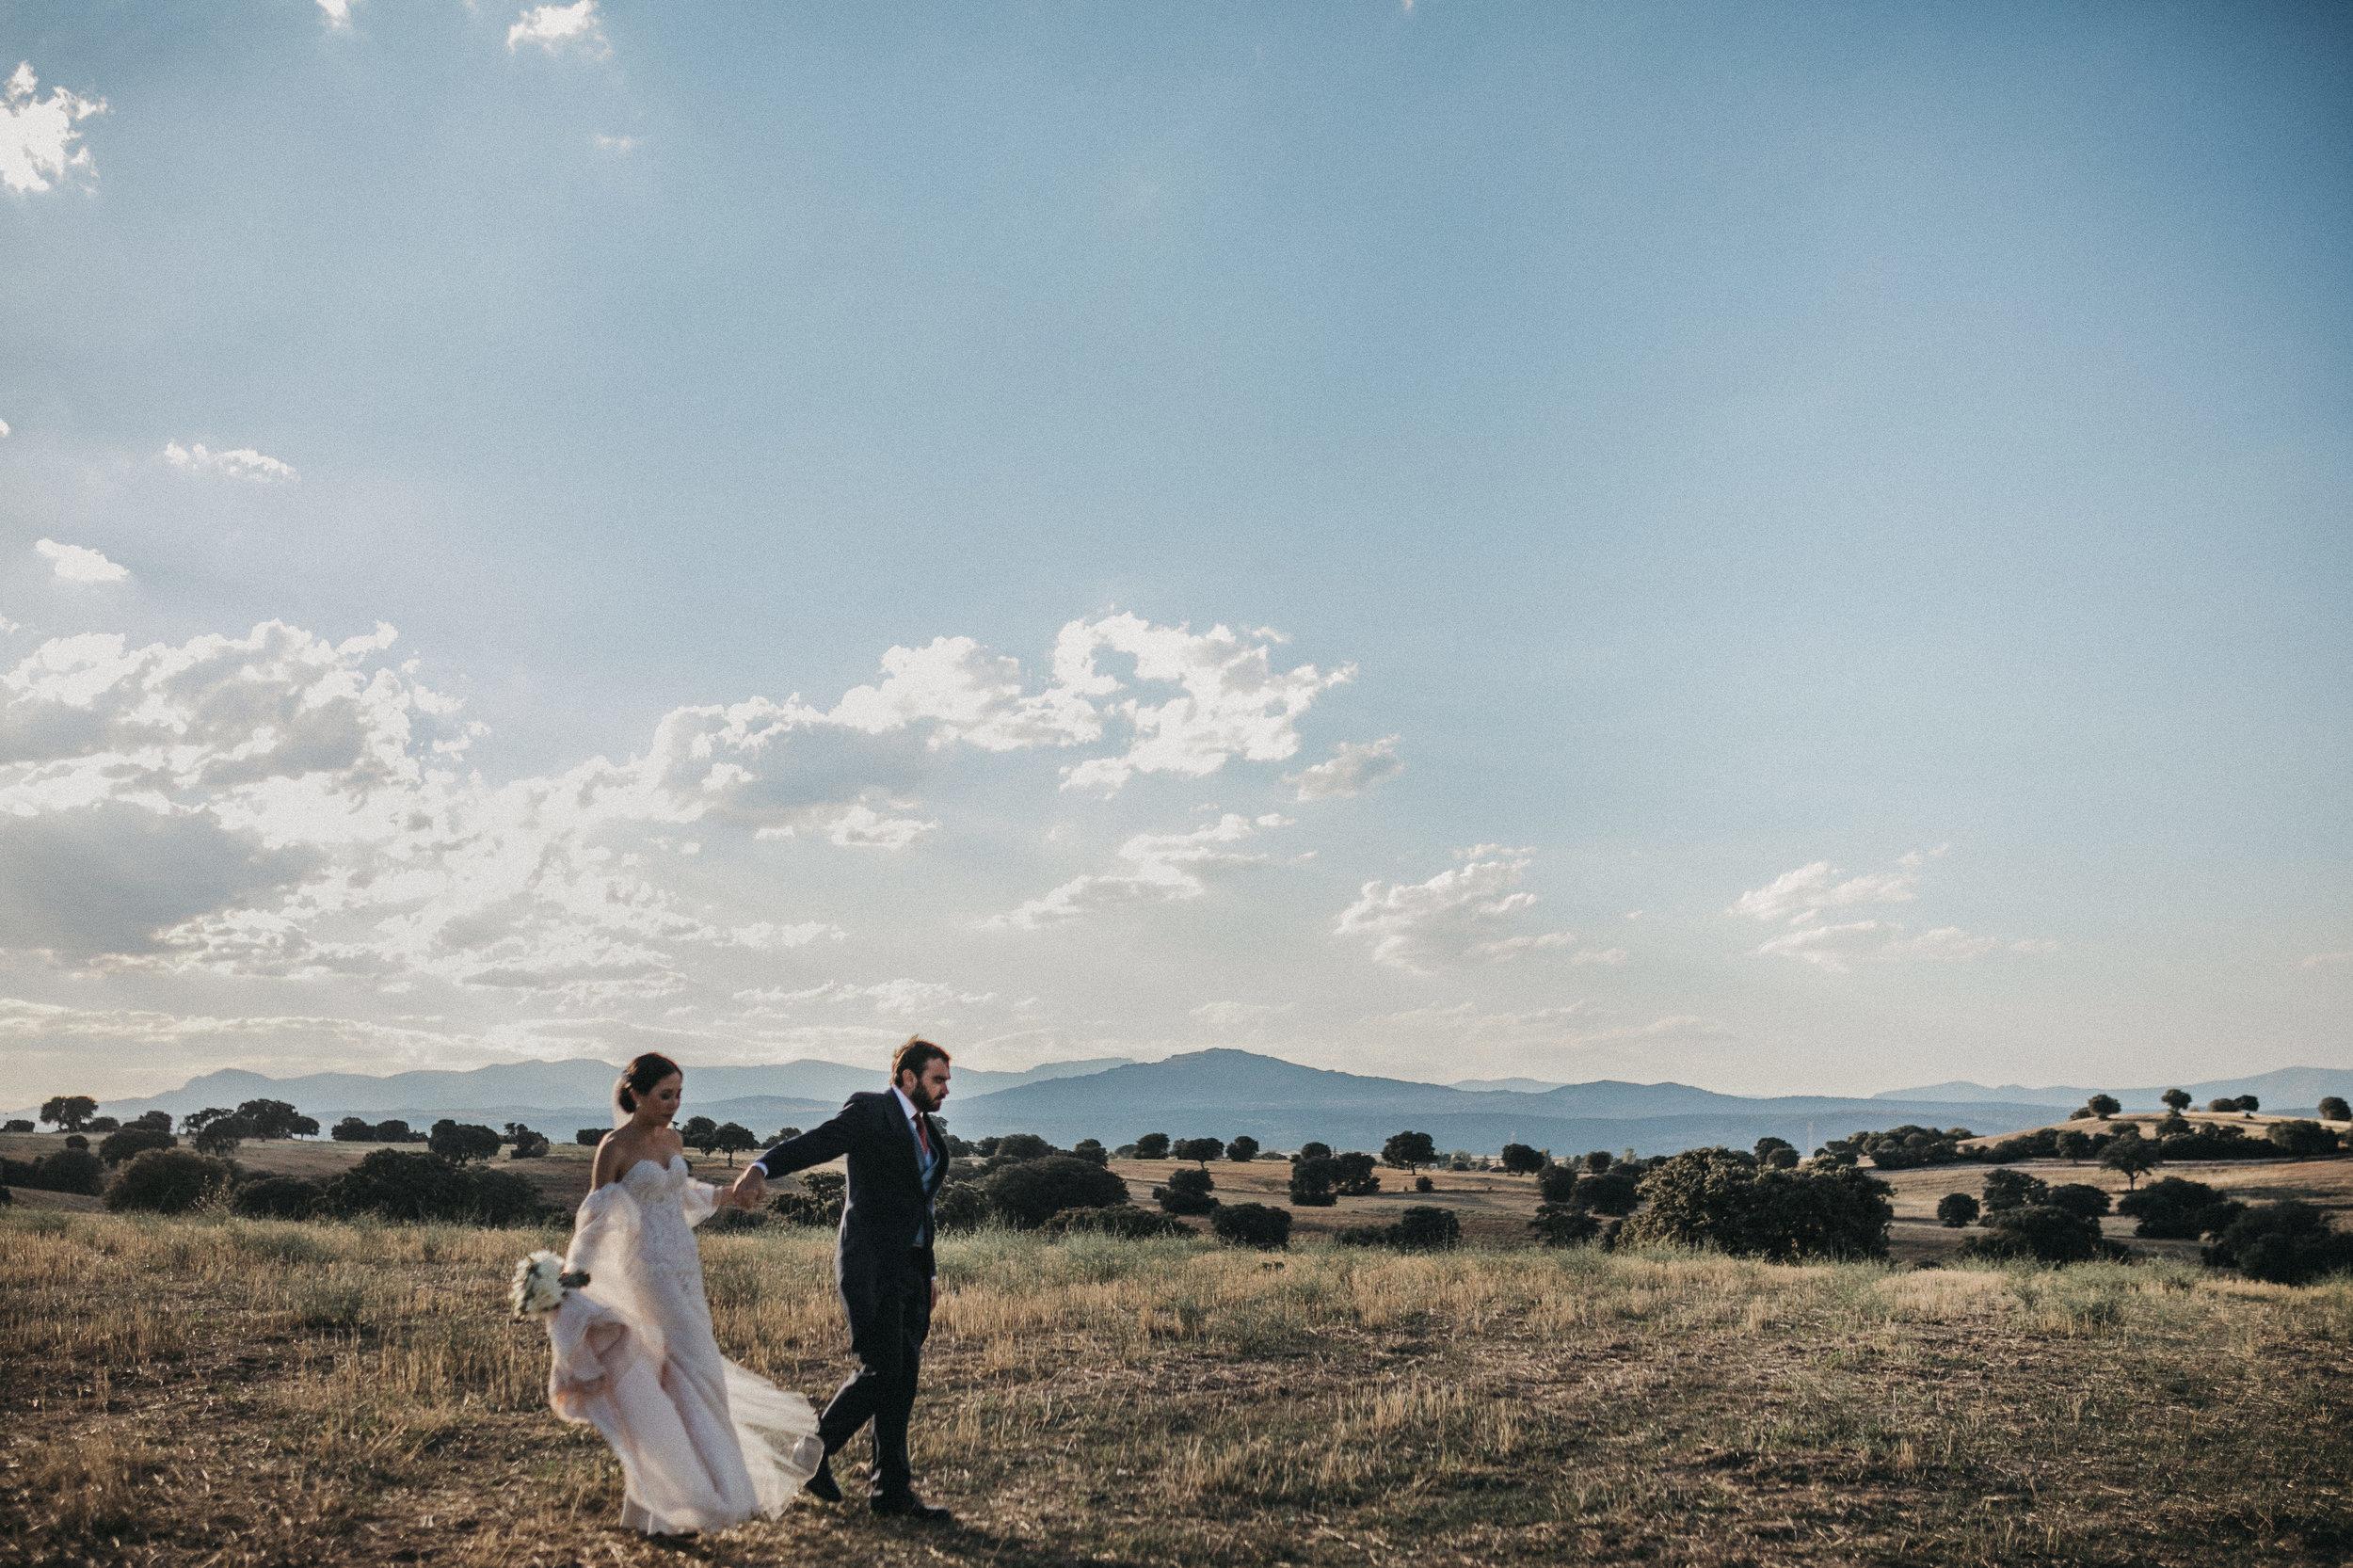 Fotografo de bodas españa serafin castillo wedding photographer spain 989.jpg